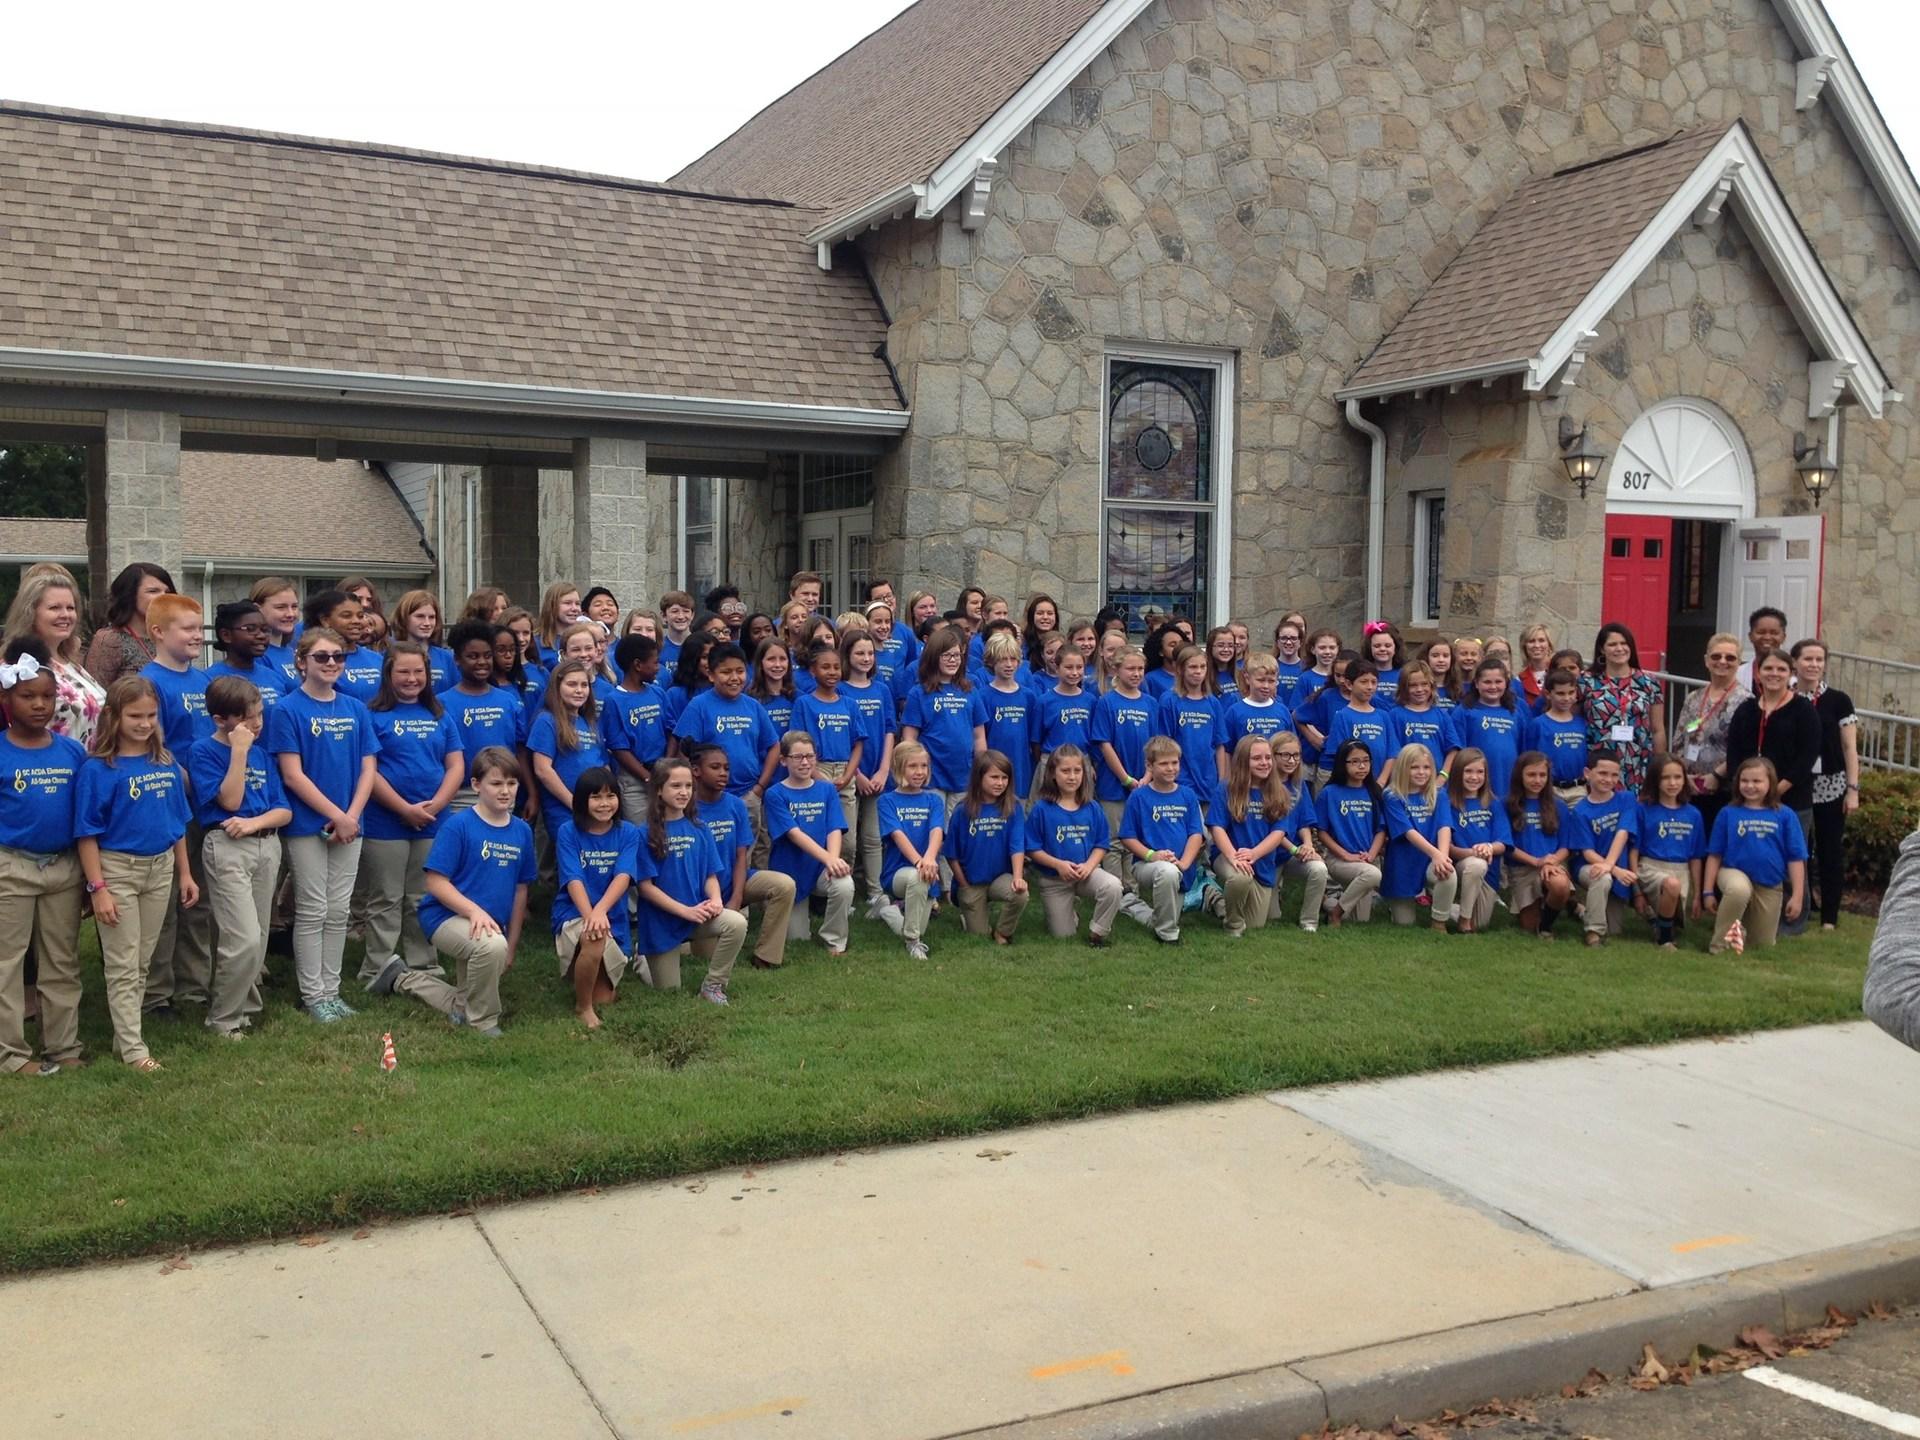 SC ACDA Elementary Honor Choir